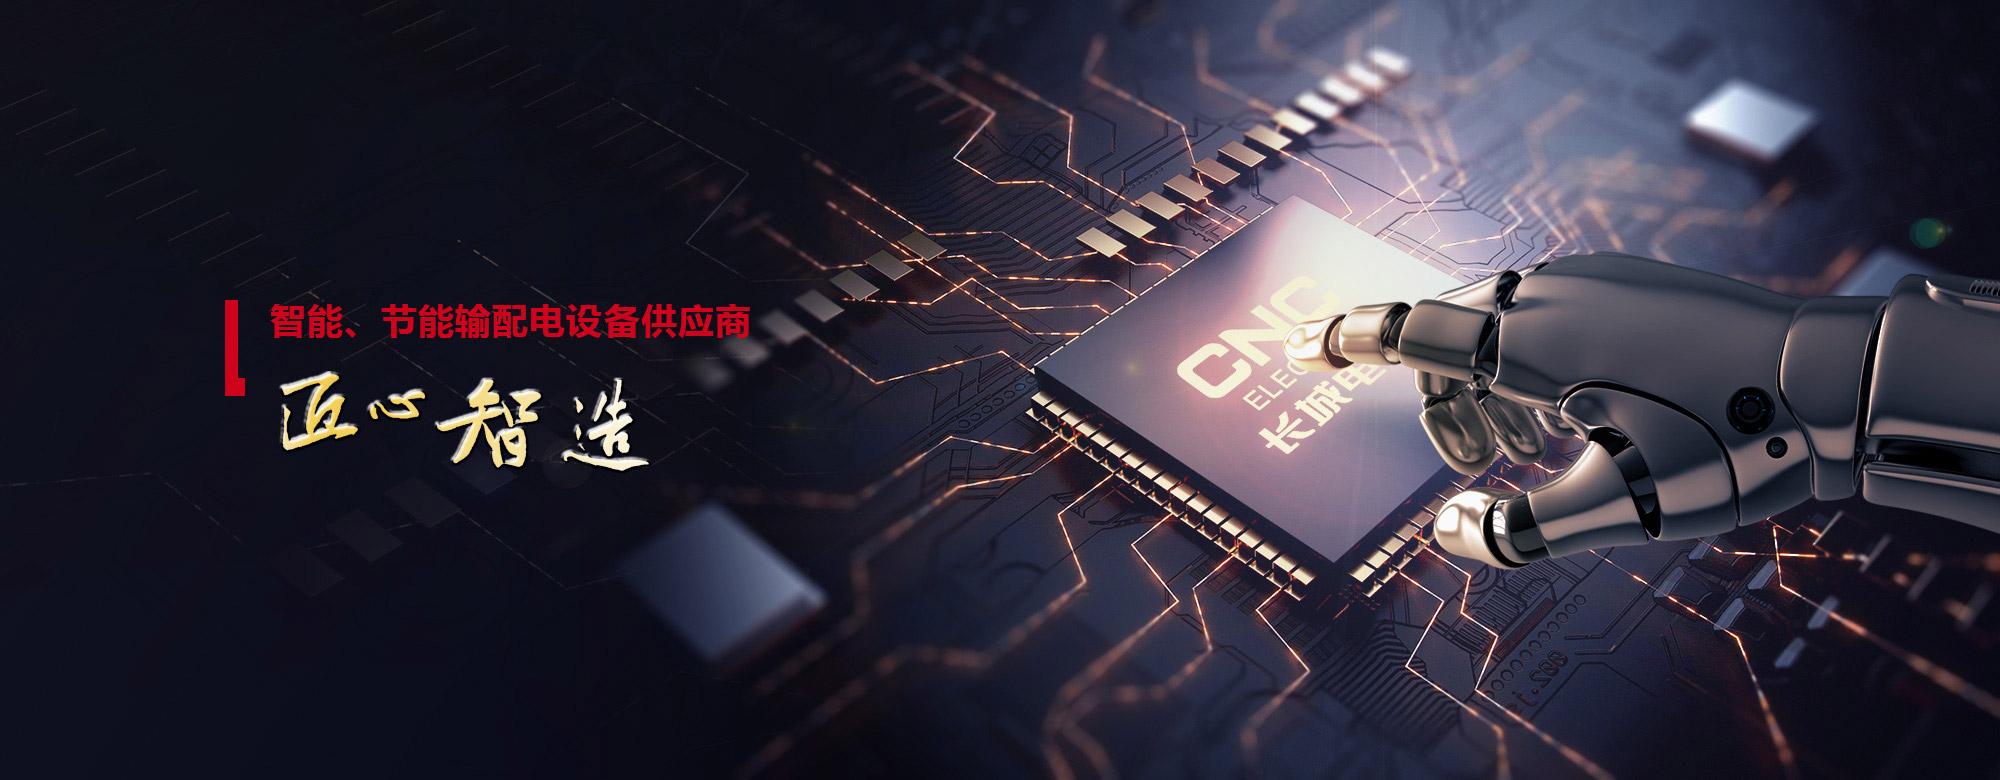 智能、节能输配电设备供应商